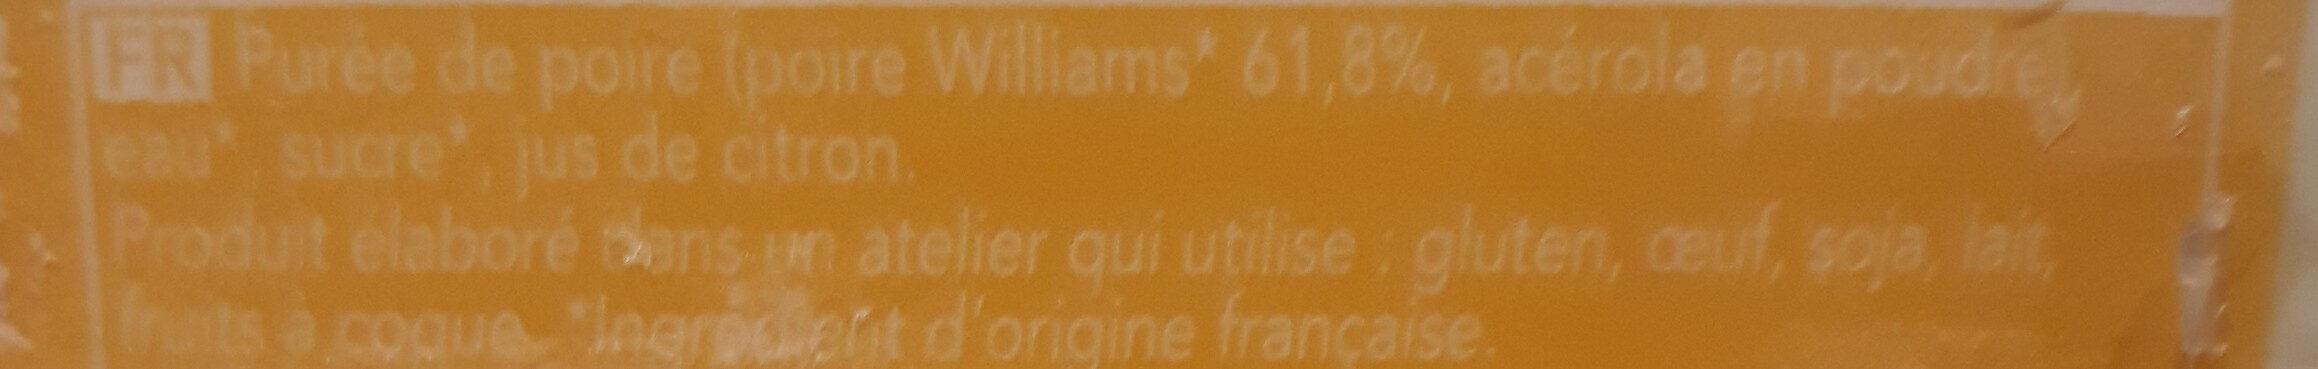 La poire - Ingrédients - fr